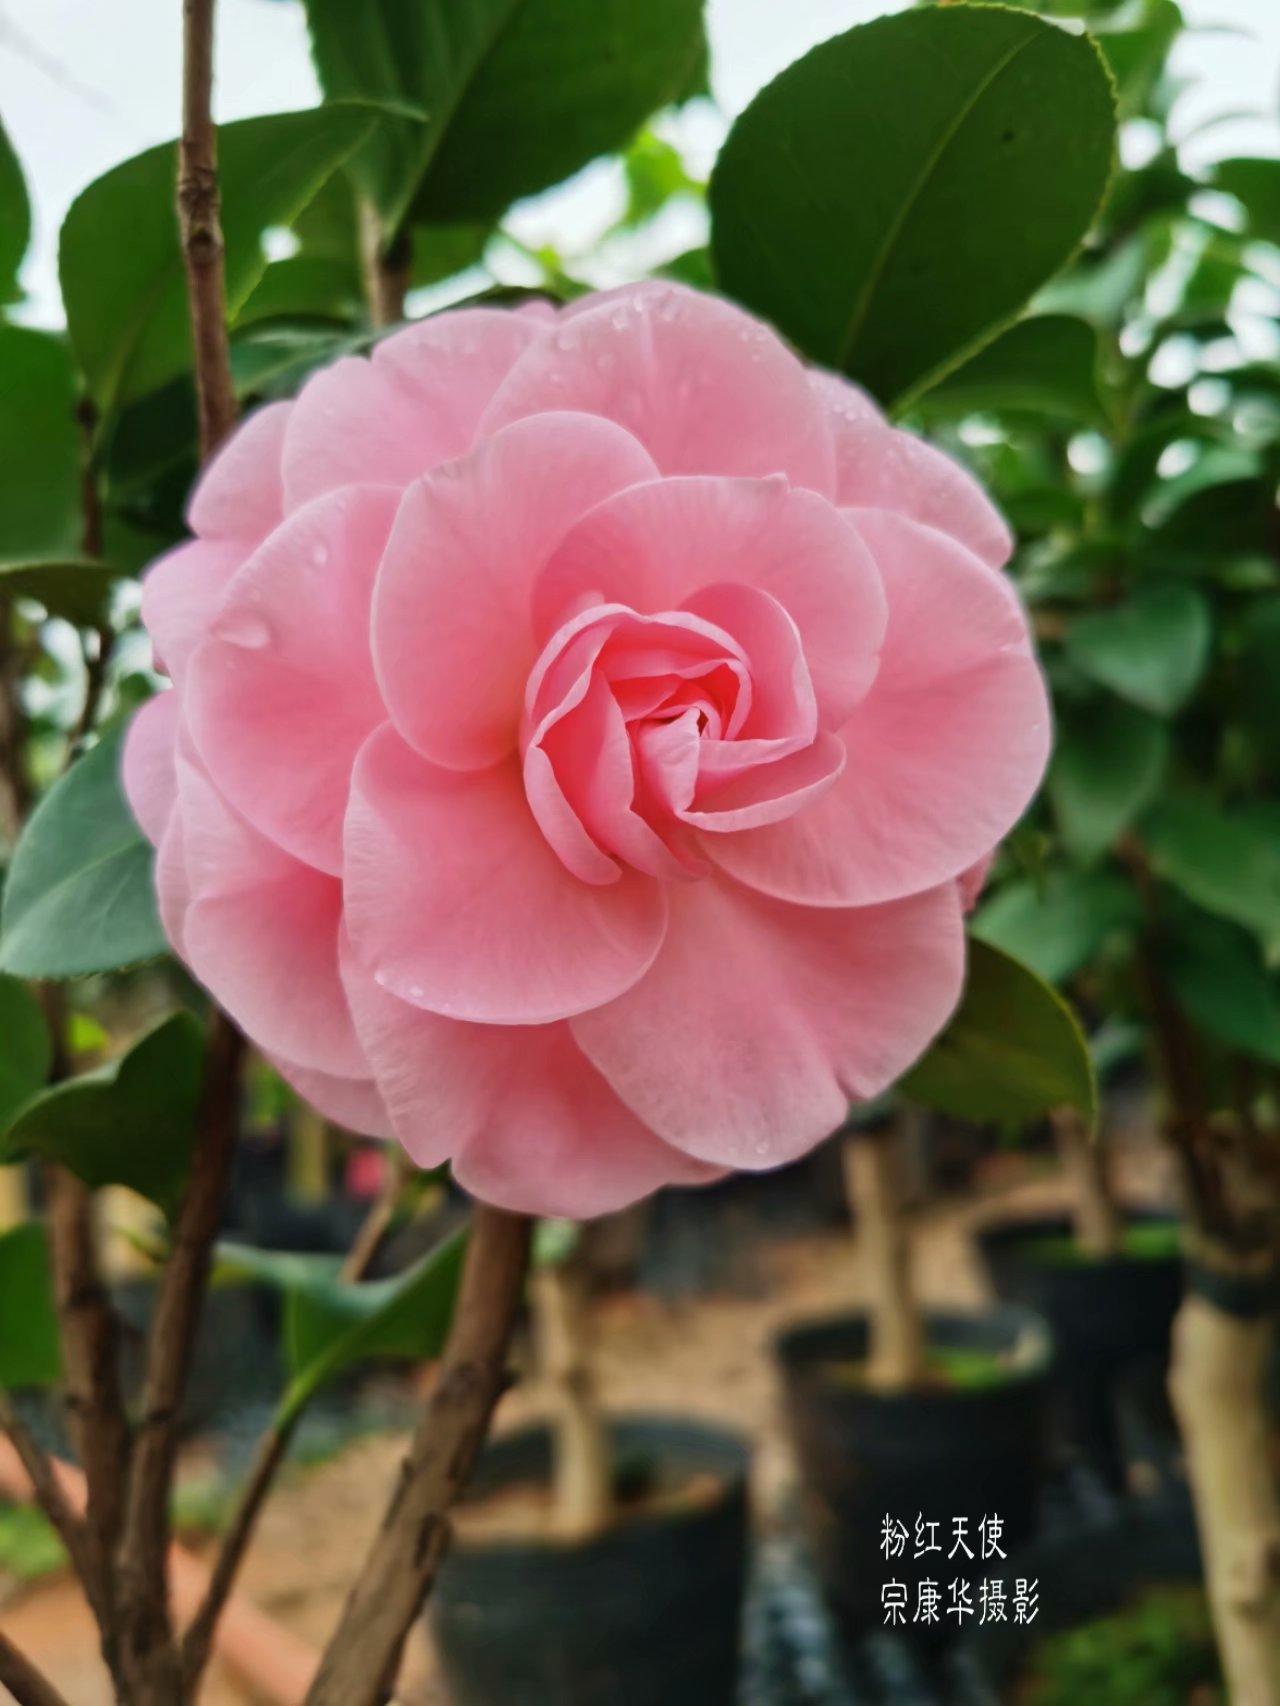 新茶花-粉红天使